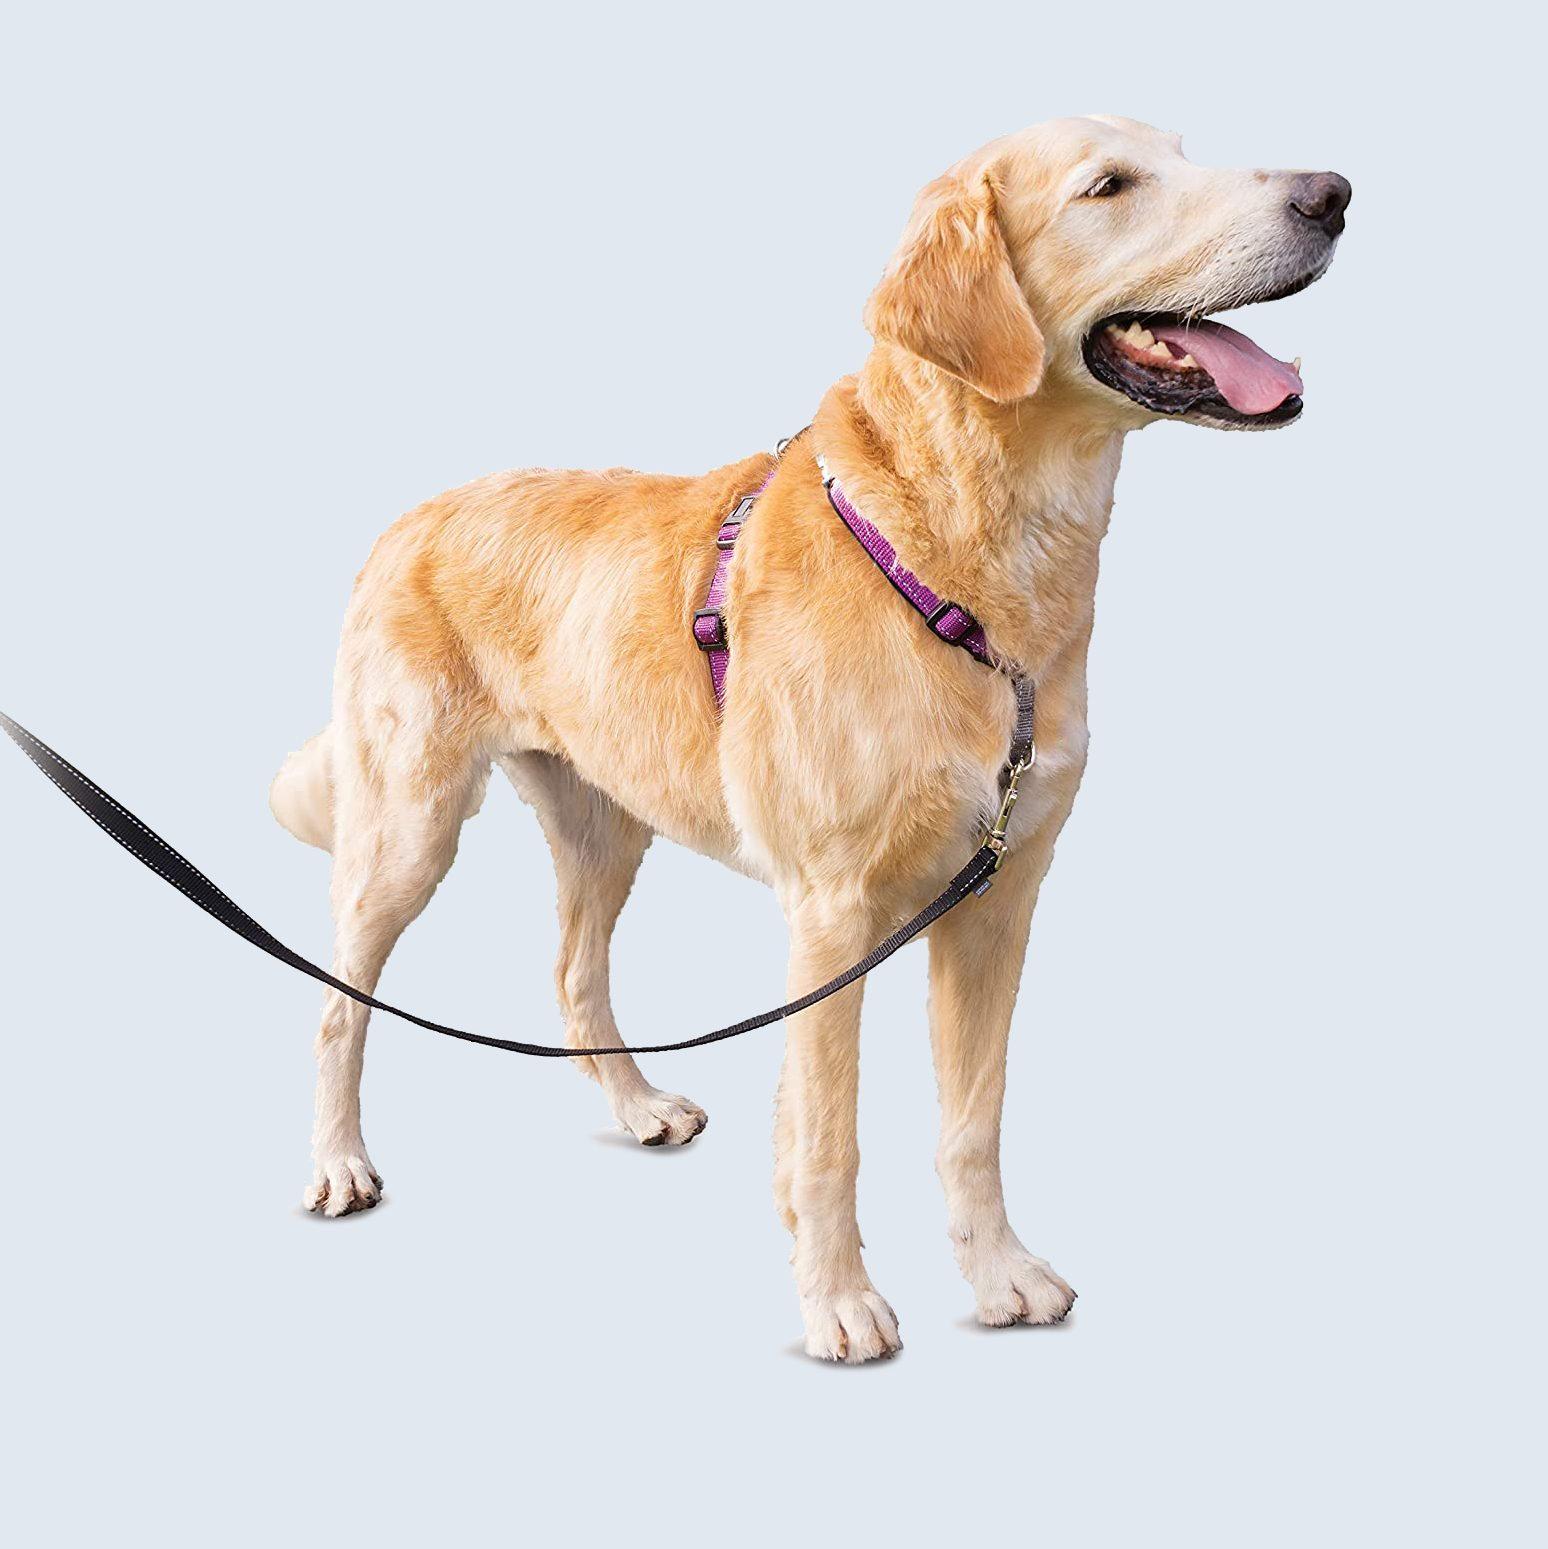 PetSafe 3 in 1 harness